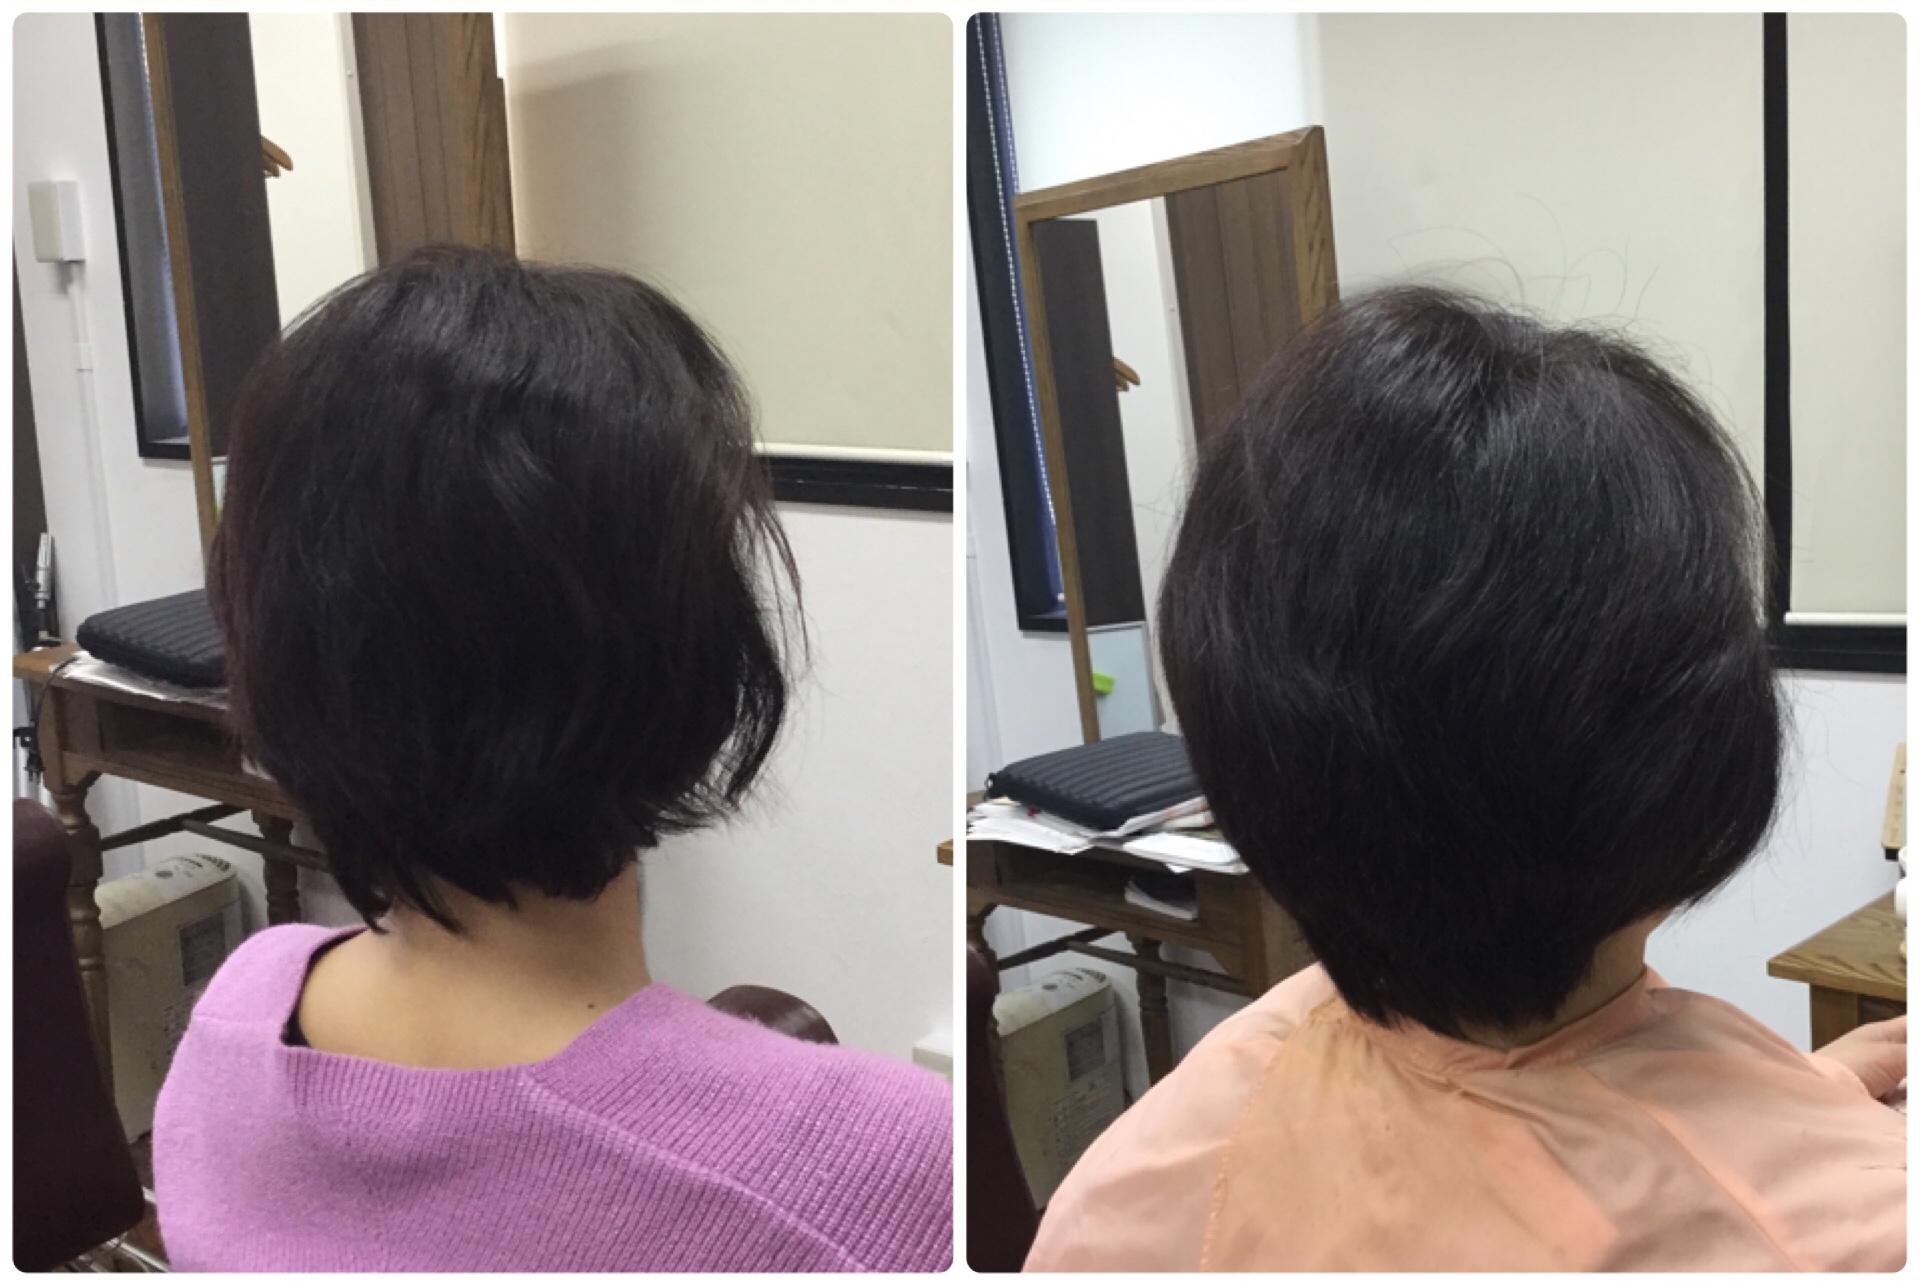 明石市からも【縮毛矯正やめたい】すきハサミを使わないキュビズムカット神戸くせ毛専門美容室アバディ